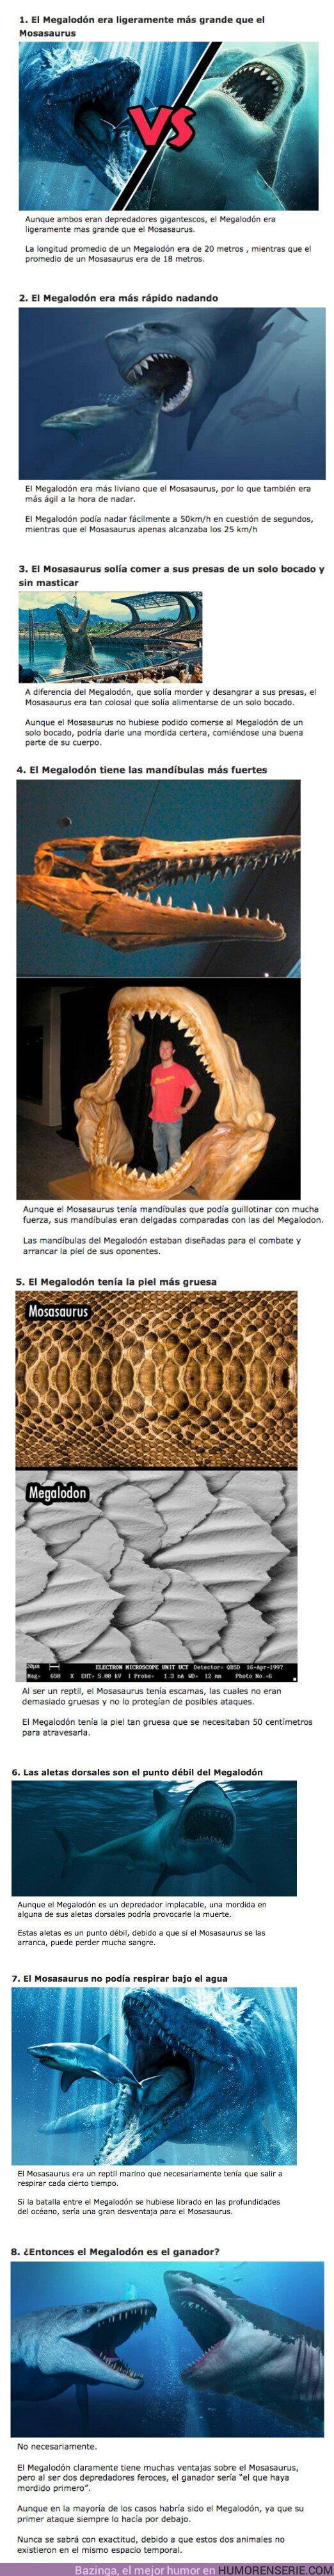 67075 - GALERÍA: Megalodón vs Mosasaurus: ¿Quién ganaría la batalla?